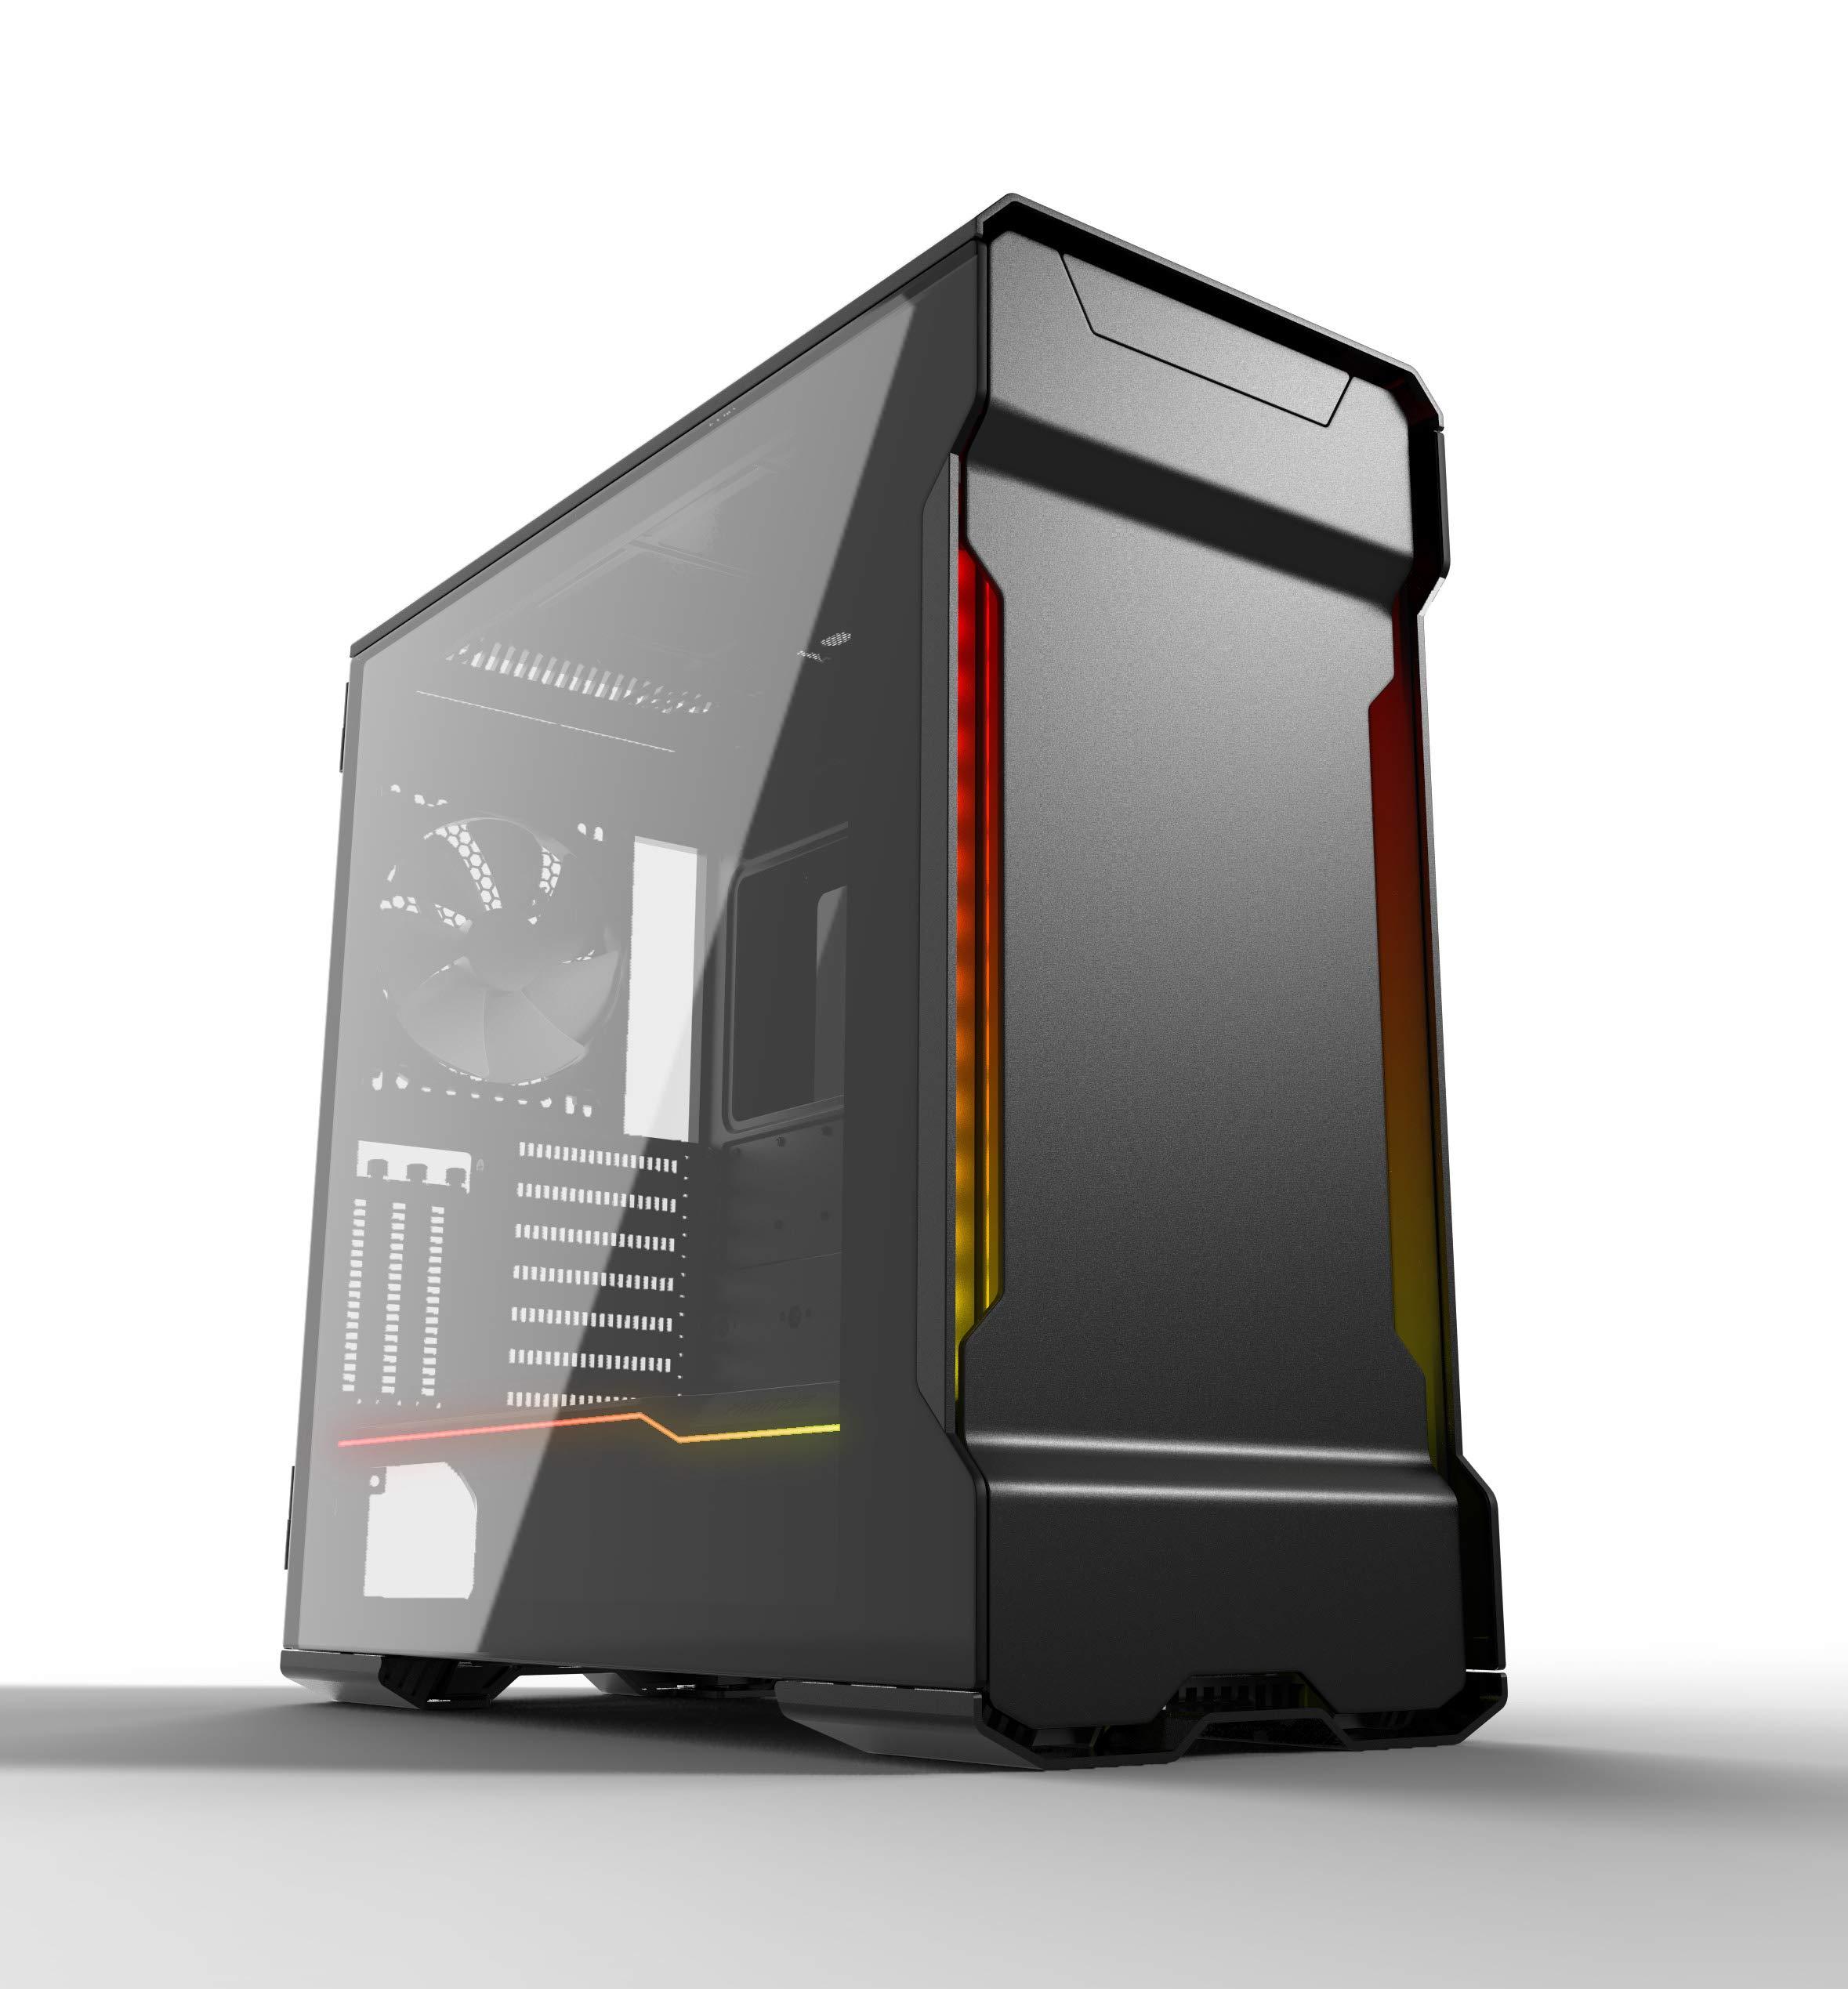 Phanteks PH-ES518XTG_DBK01 Enthoo Evolv X ATX Case Tempered Glass Windows Digital RGB Black